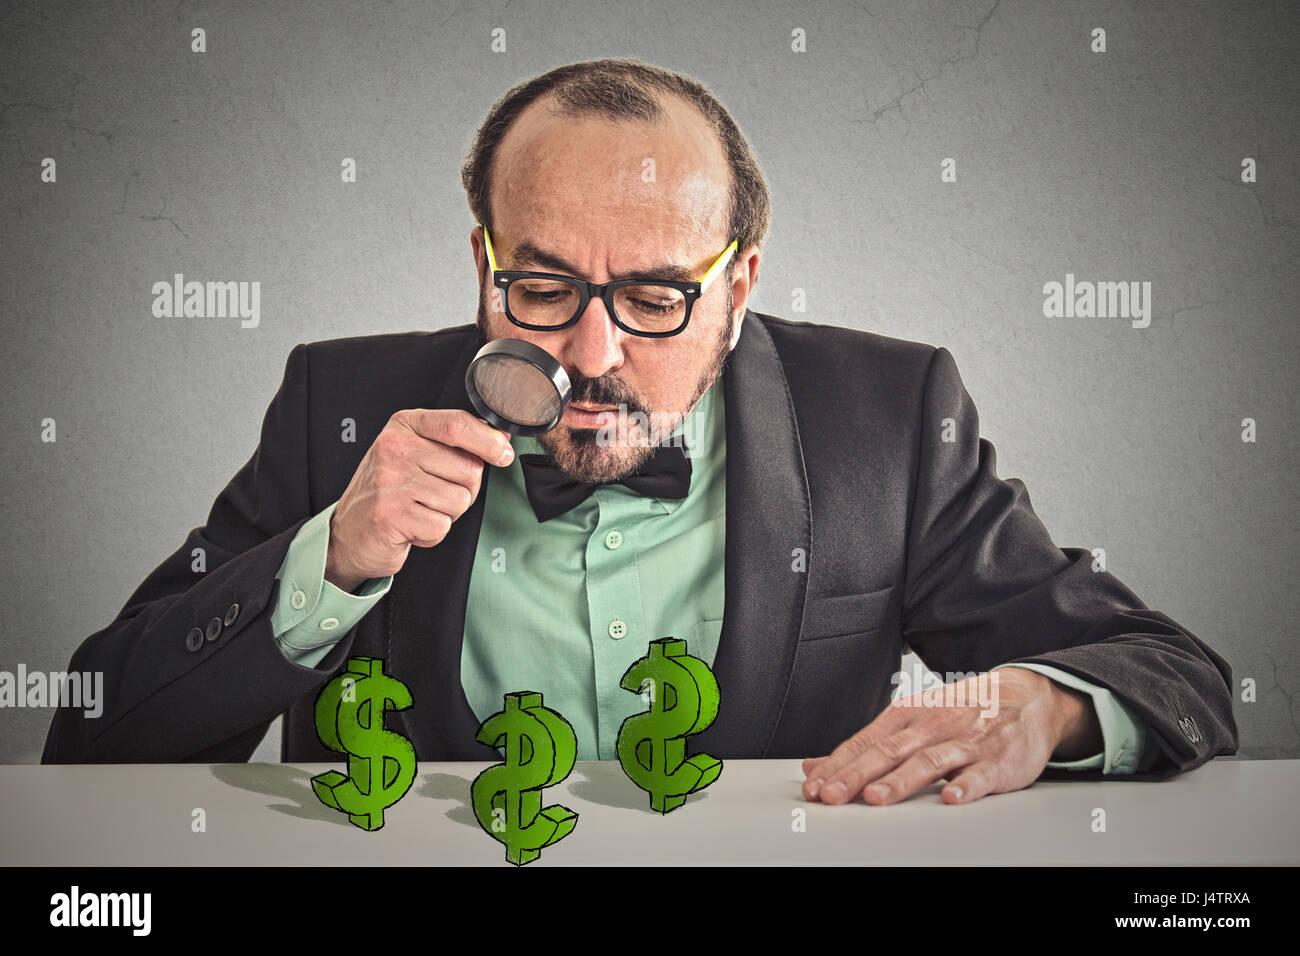 Penny del rullo di estrazione. Uomo d'affari cerca attraverso la lente di ingrandimento a segni di dollaro simbolo Immagini Stock